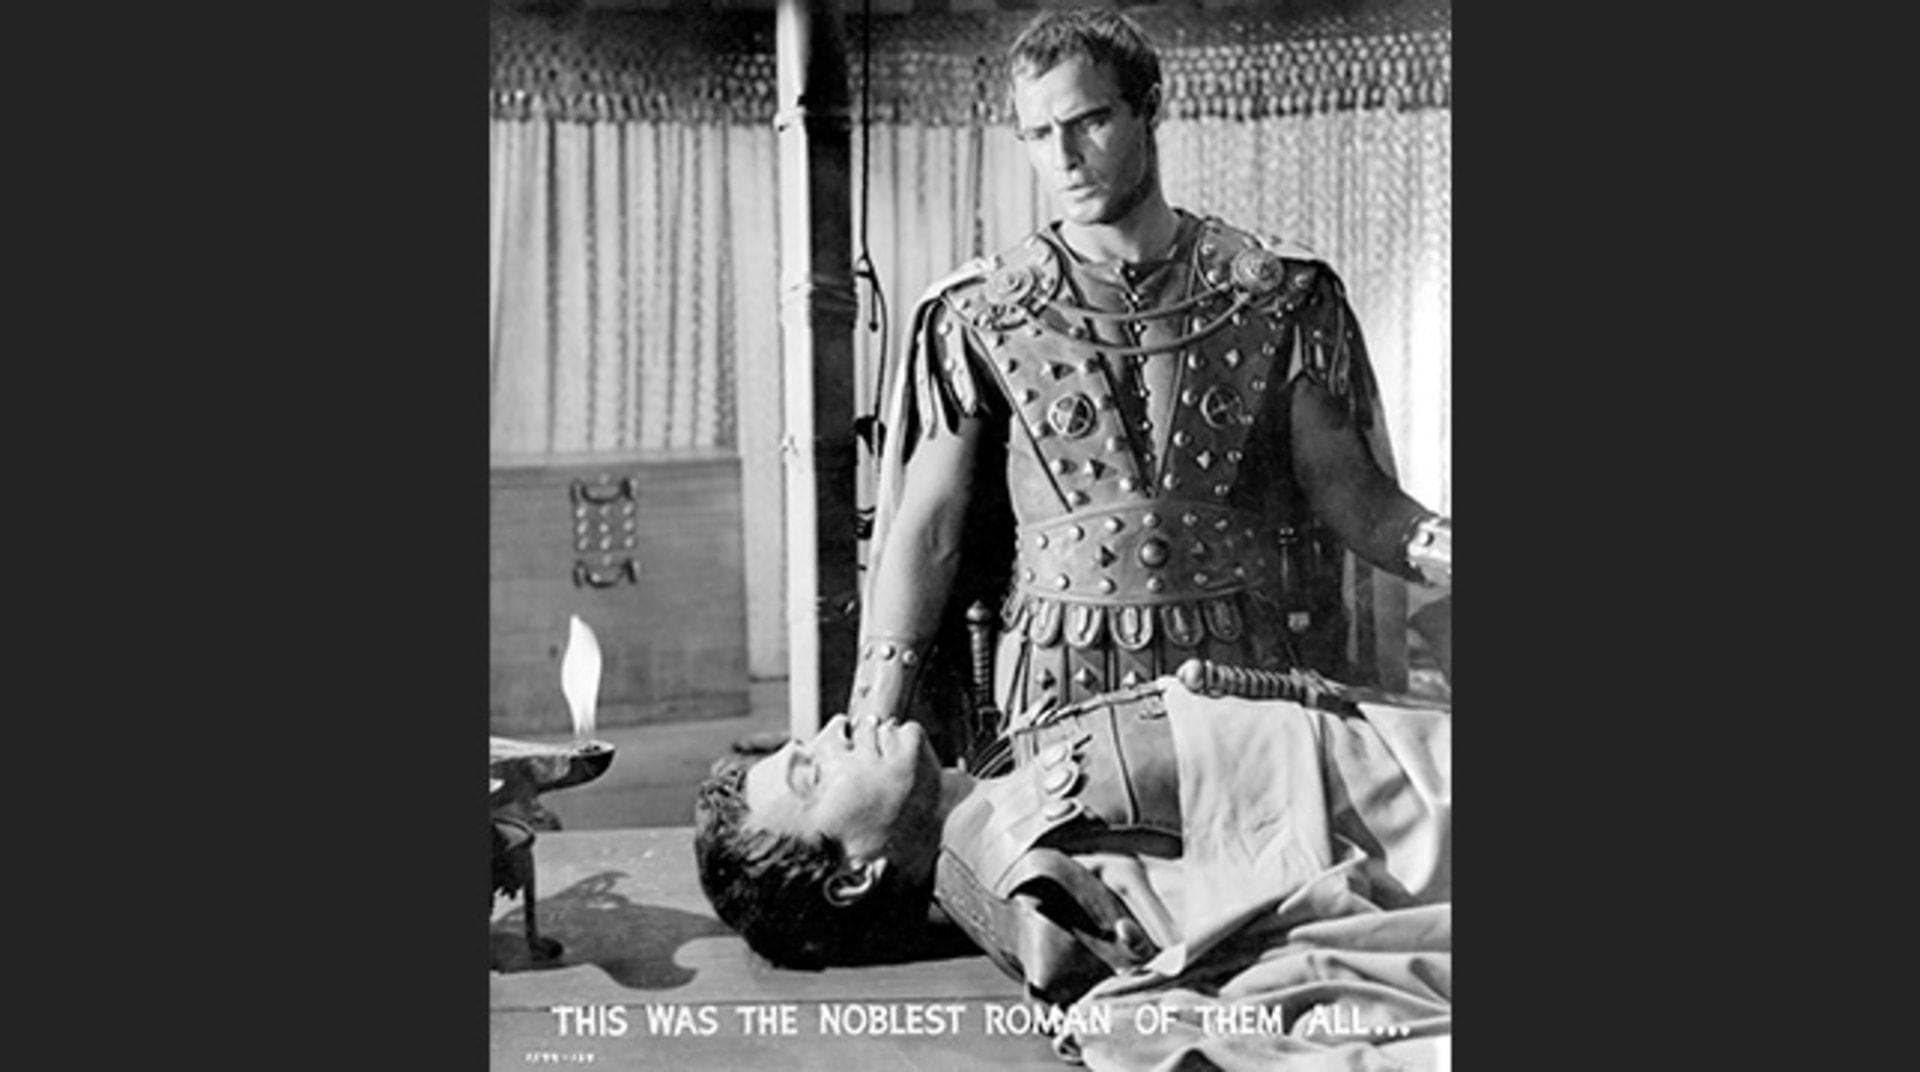 Julius Caesar - Image 8